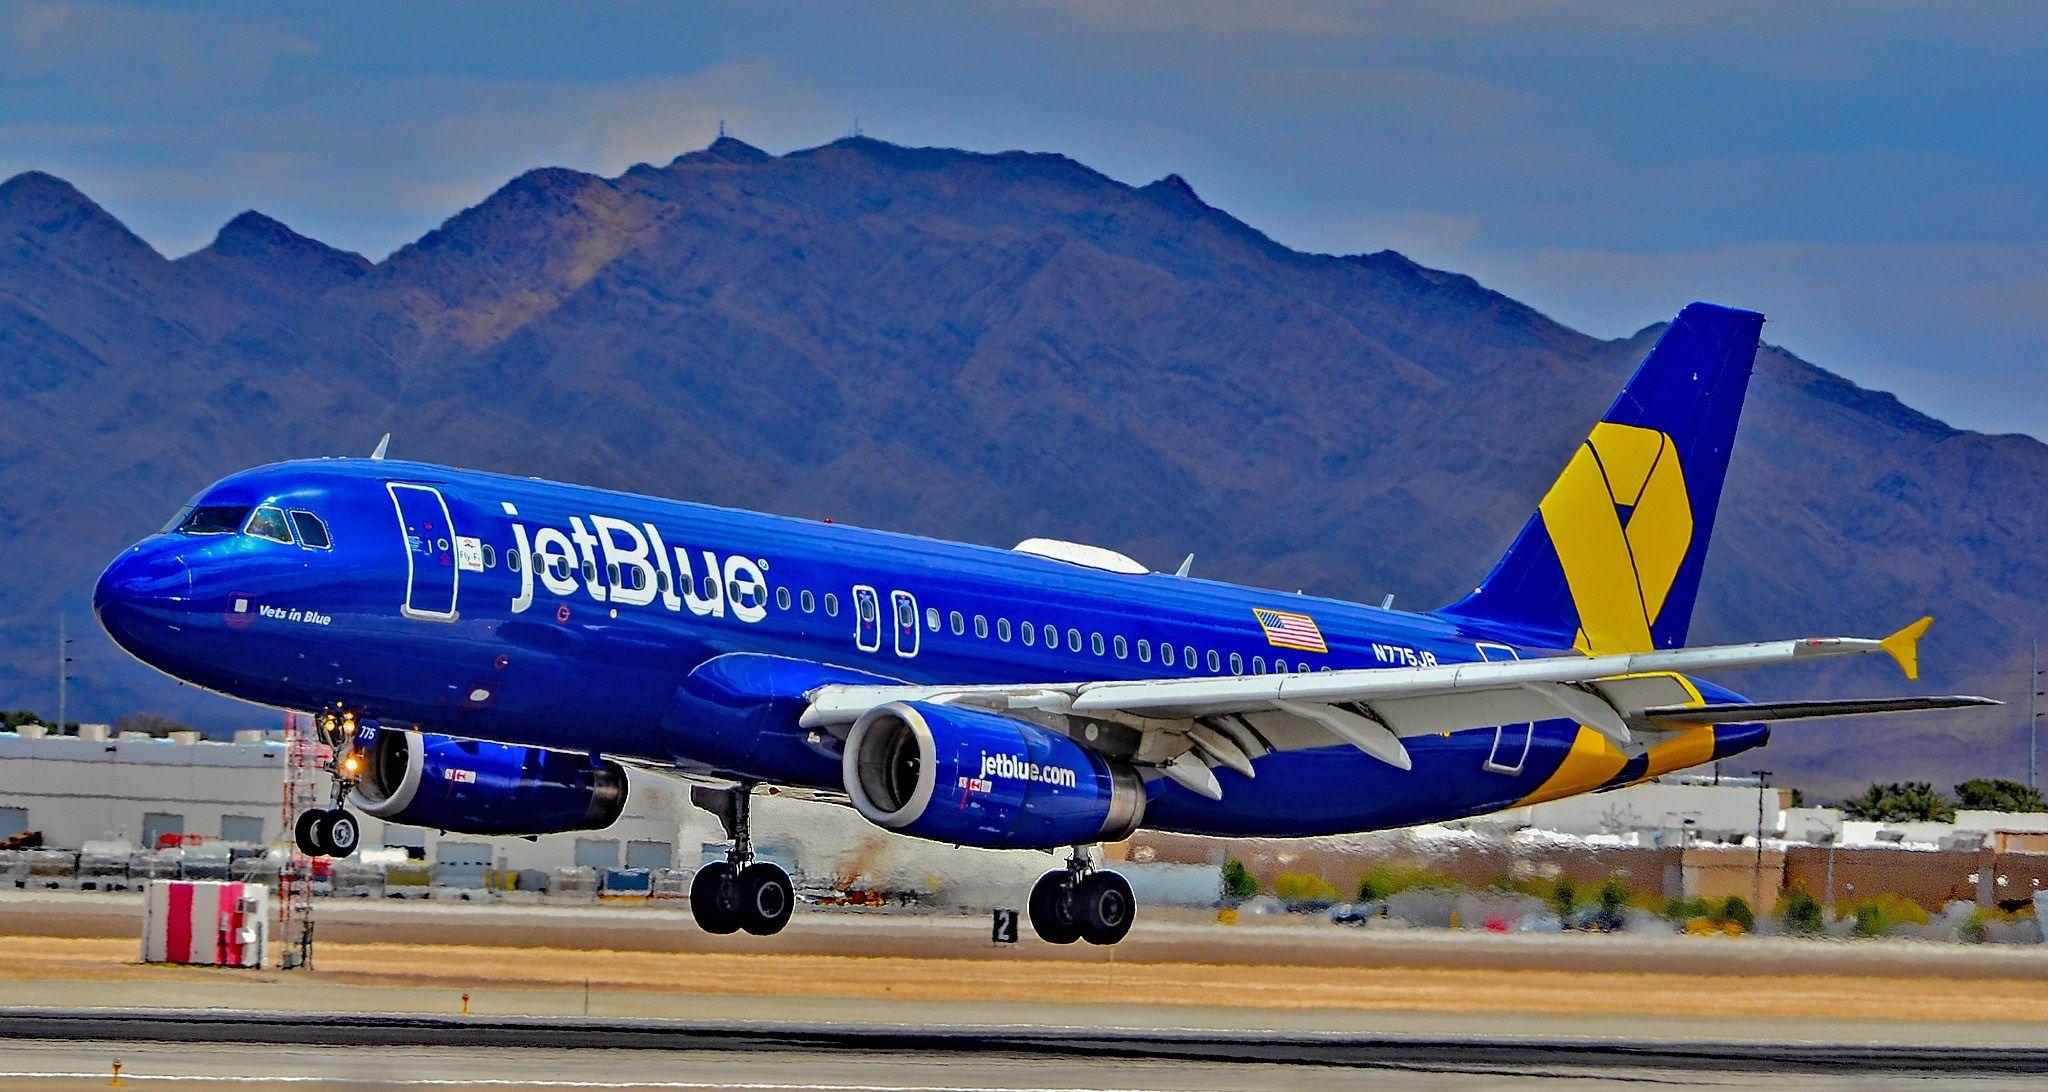 Jet Blue Airline Change Flight  Jet blue airlines